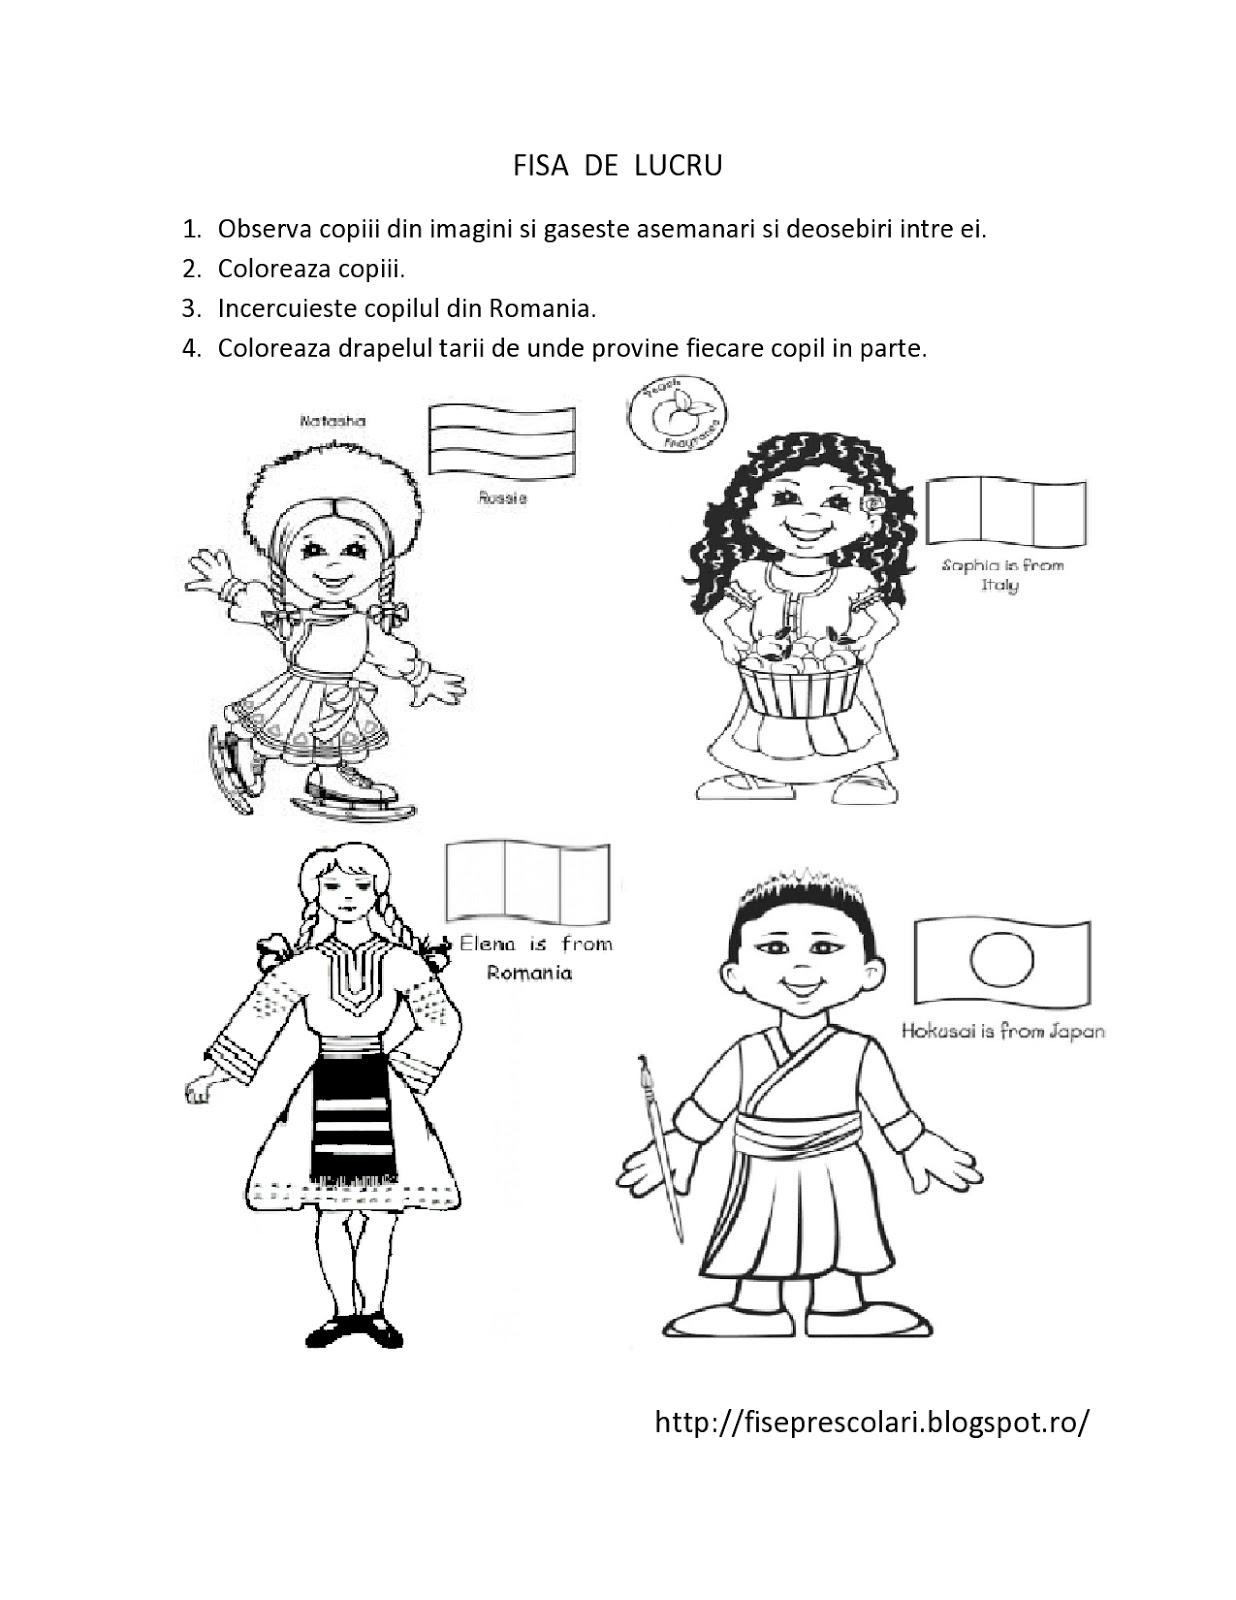 Copiii Lumii Fise De Lucru Pentru Copiii De Gradinita